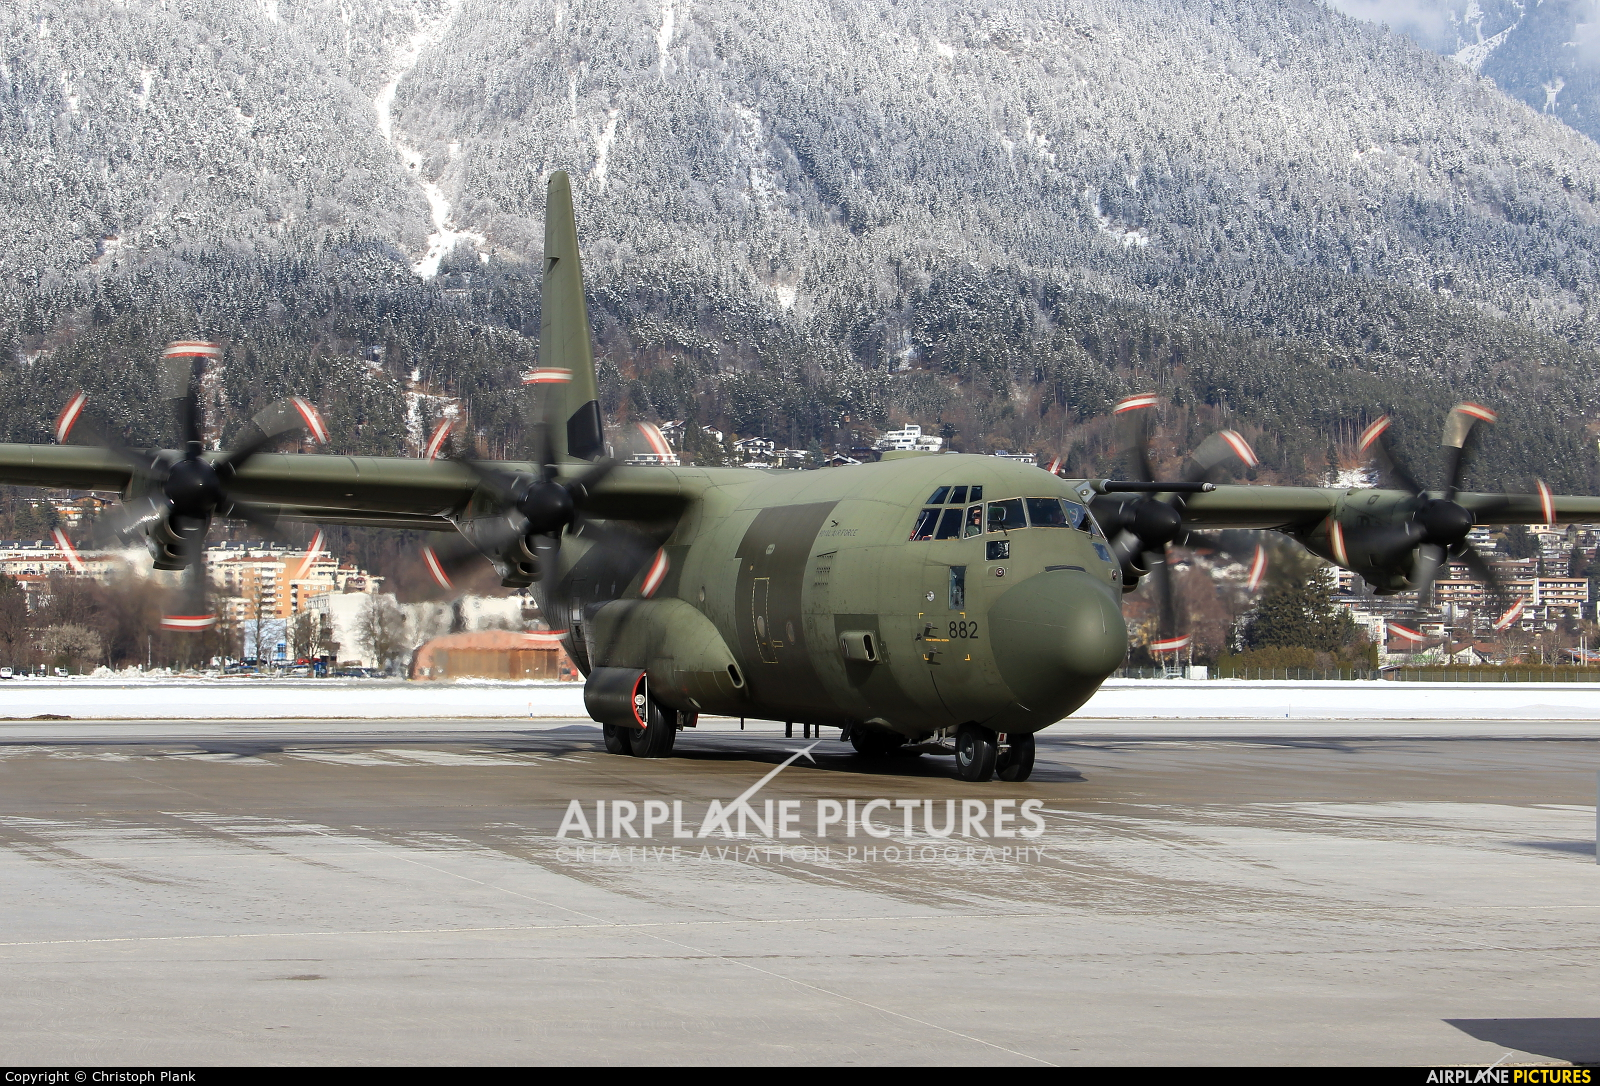 Royal Air Force ZH882 aircraft at Innsbruck